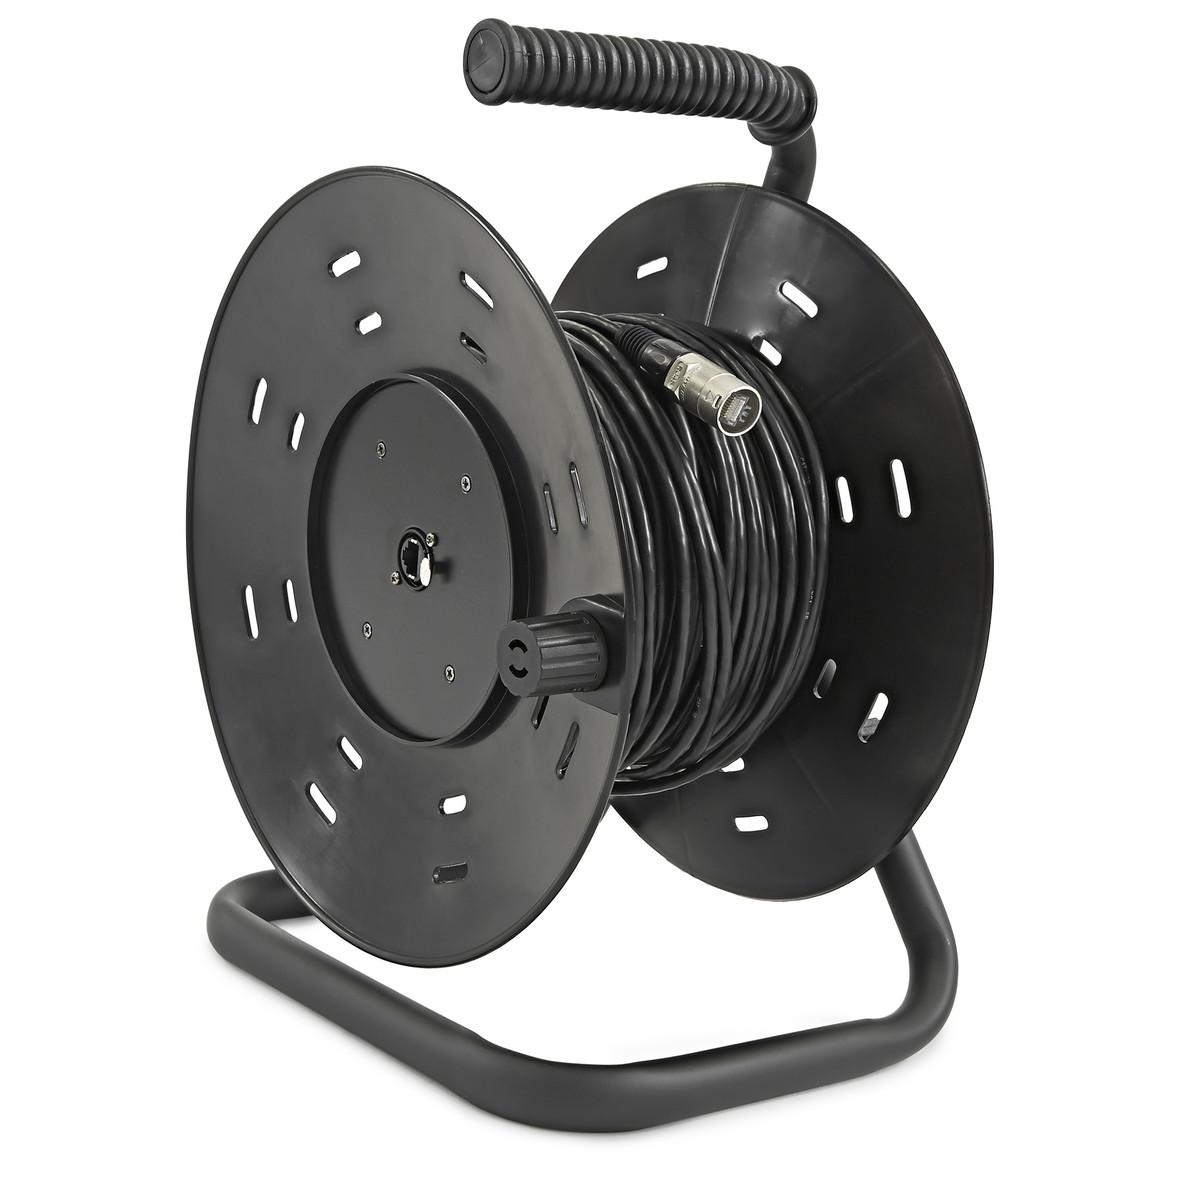 Câble Numérique Multipaire CAT5 avec Connecteurs Neutrik Ethercon, 50 Mètres